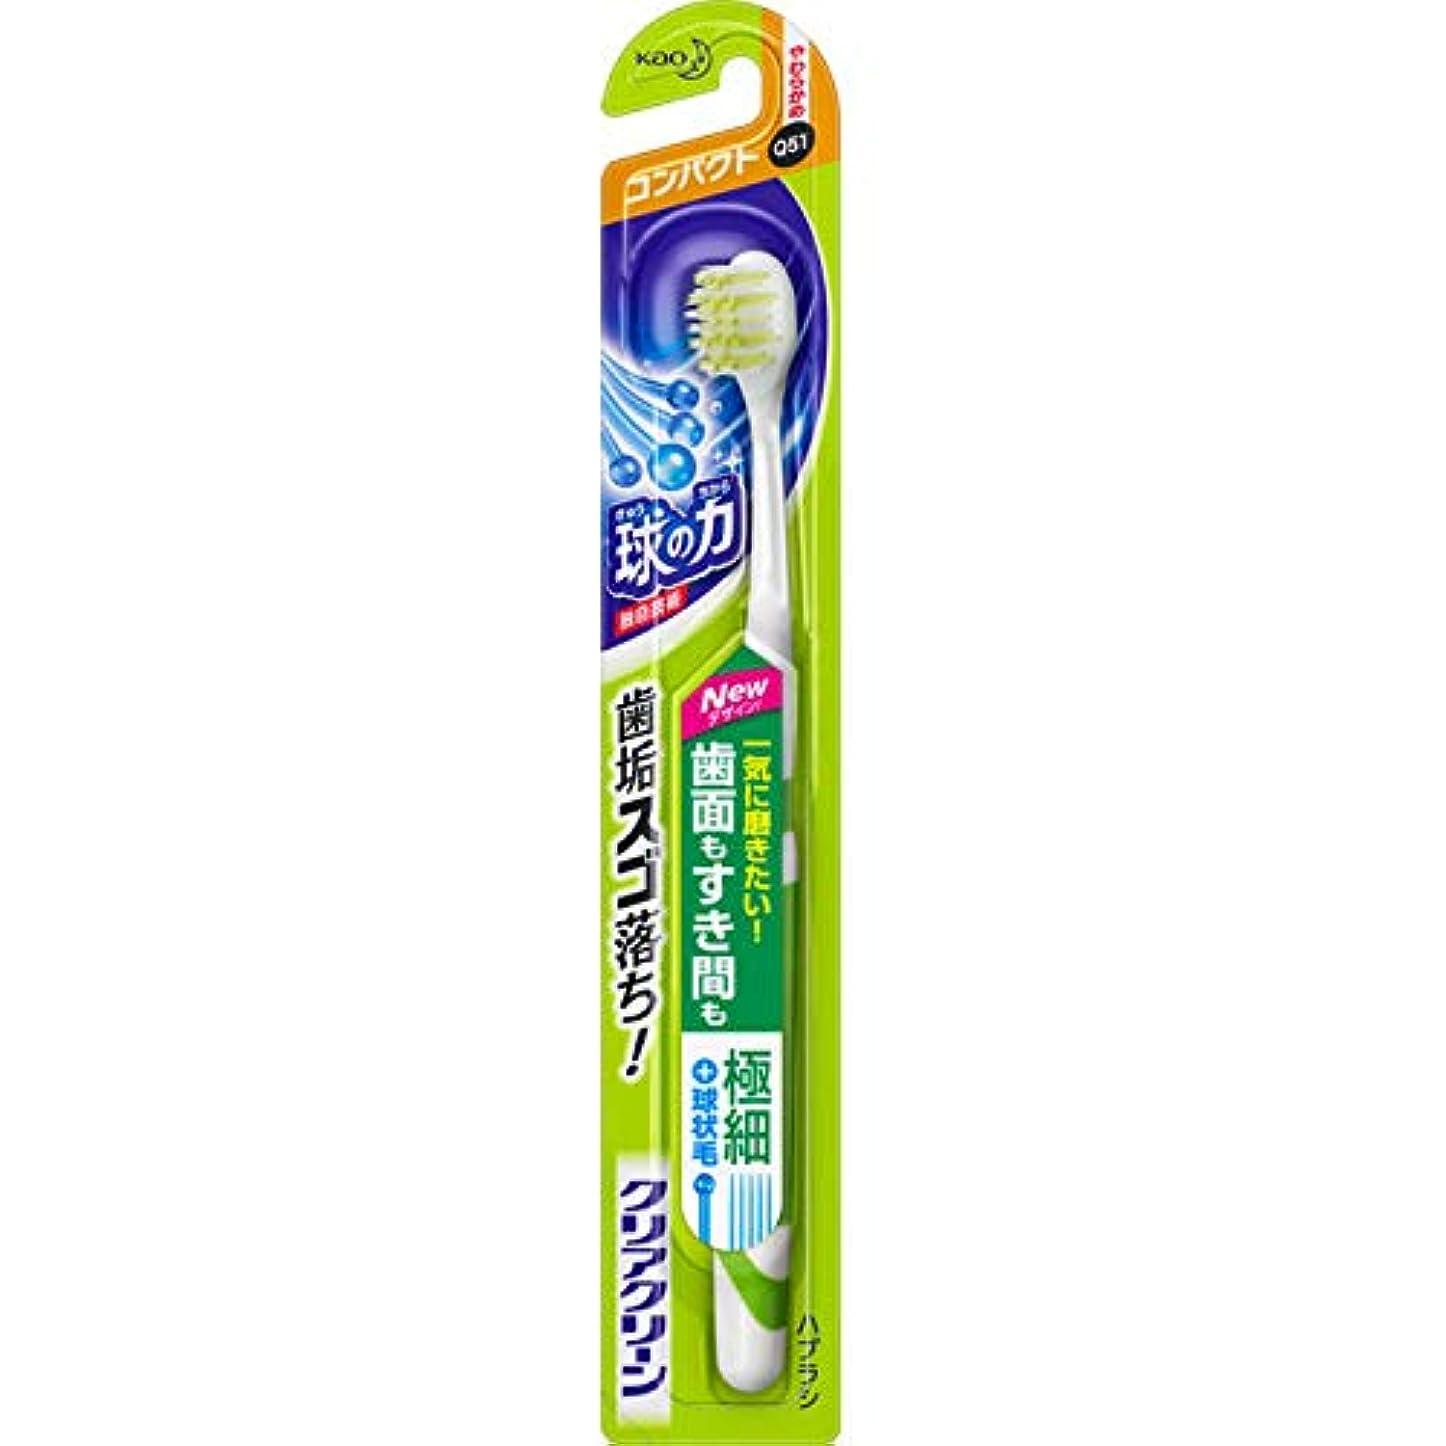 寝室を掃除する膜信頼性のある花王 クリアクリーン ハブラシ 歯面&すき間 コンパクト やわらかめ 1本